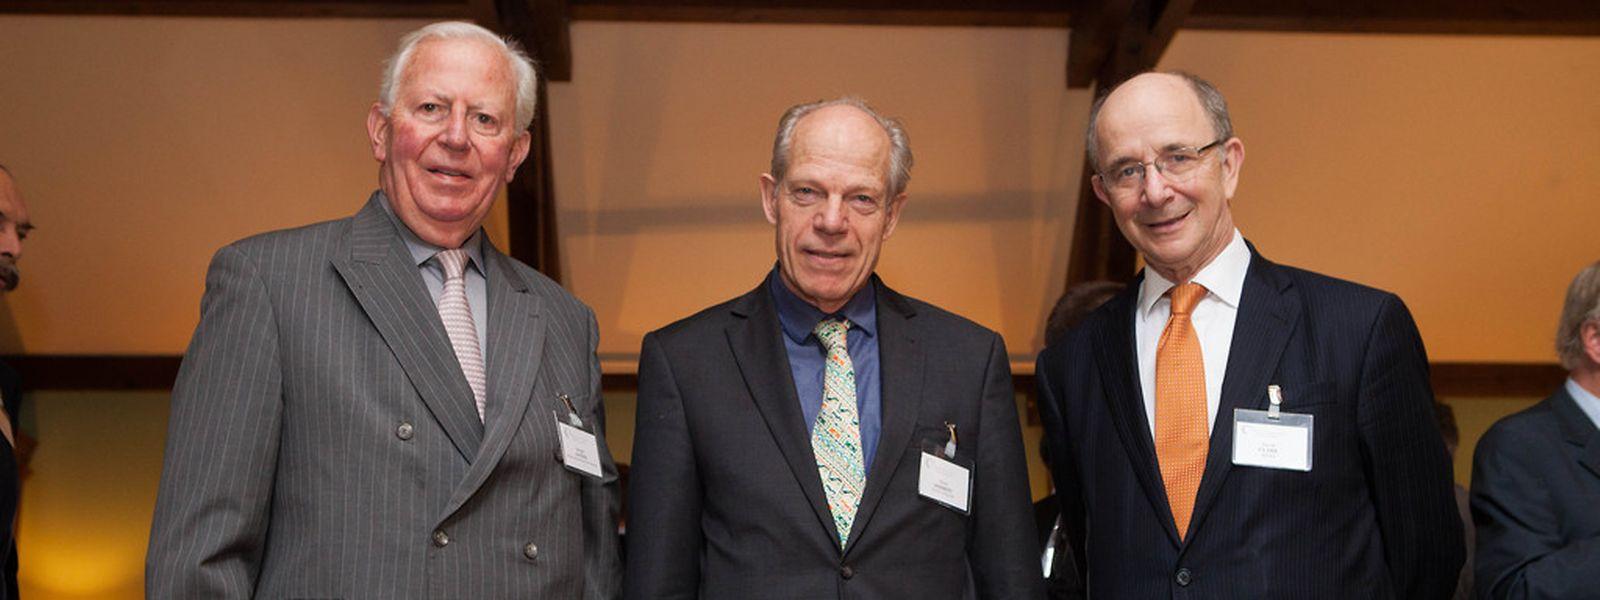 David Shirreff entouré de Jacques Santer et David Clark au 40ème lunch Tigfi ce jeudi.